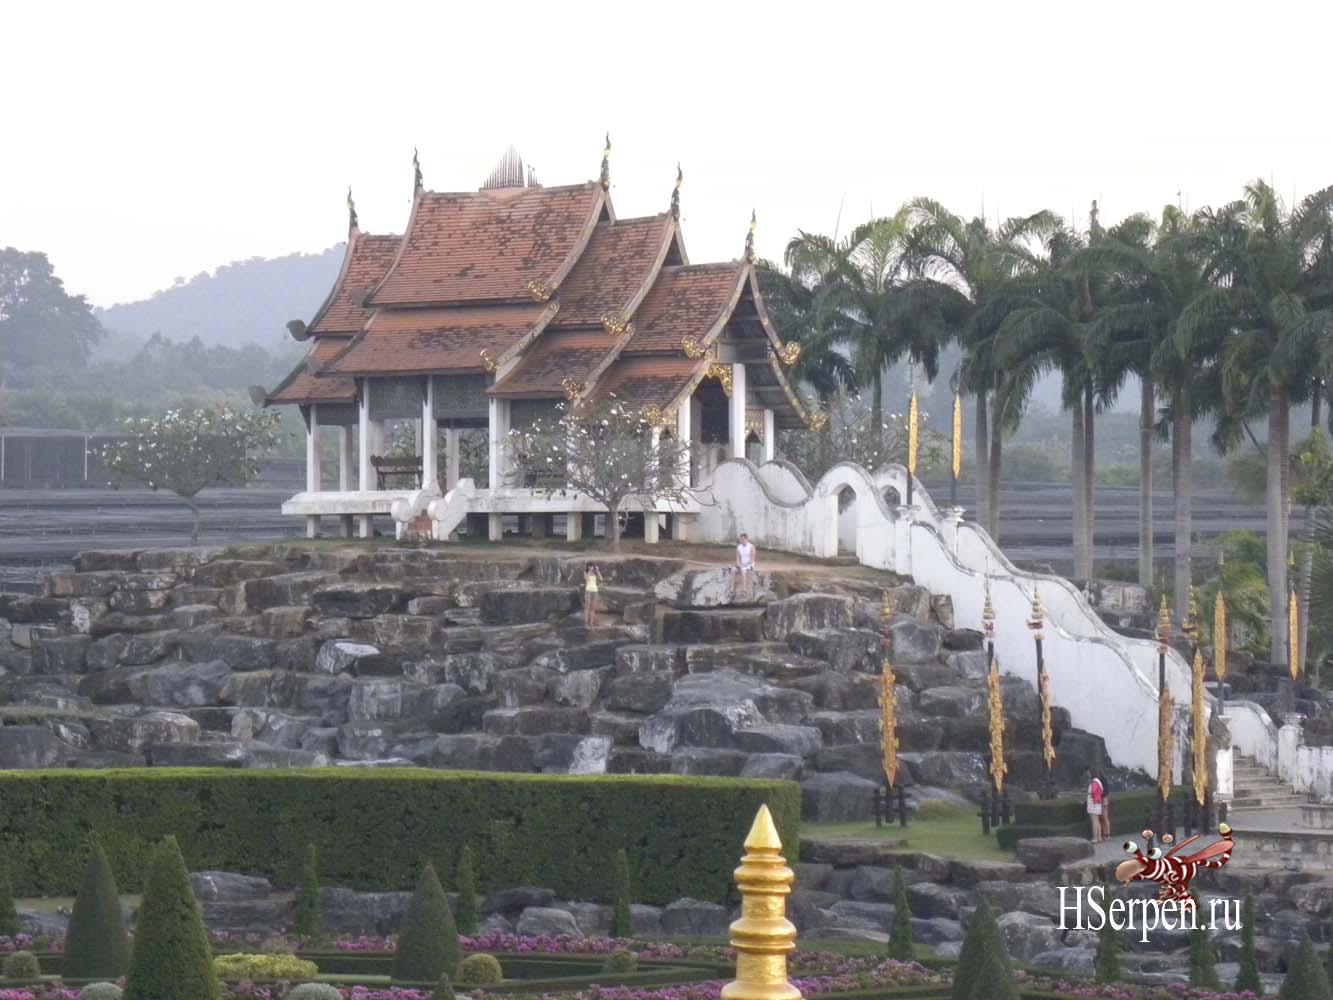 Отзыв об отдыхе в Таиланде: декабрь 2013 - январь 2014